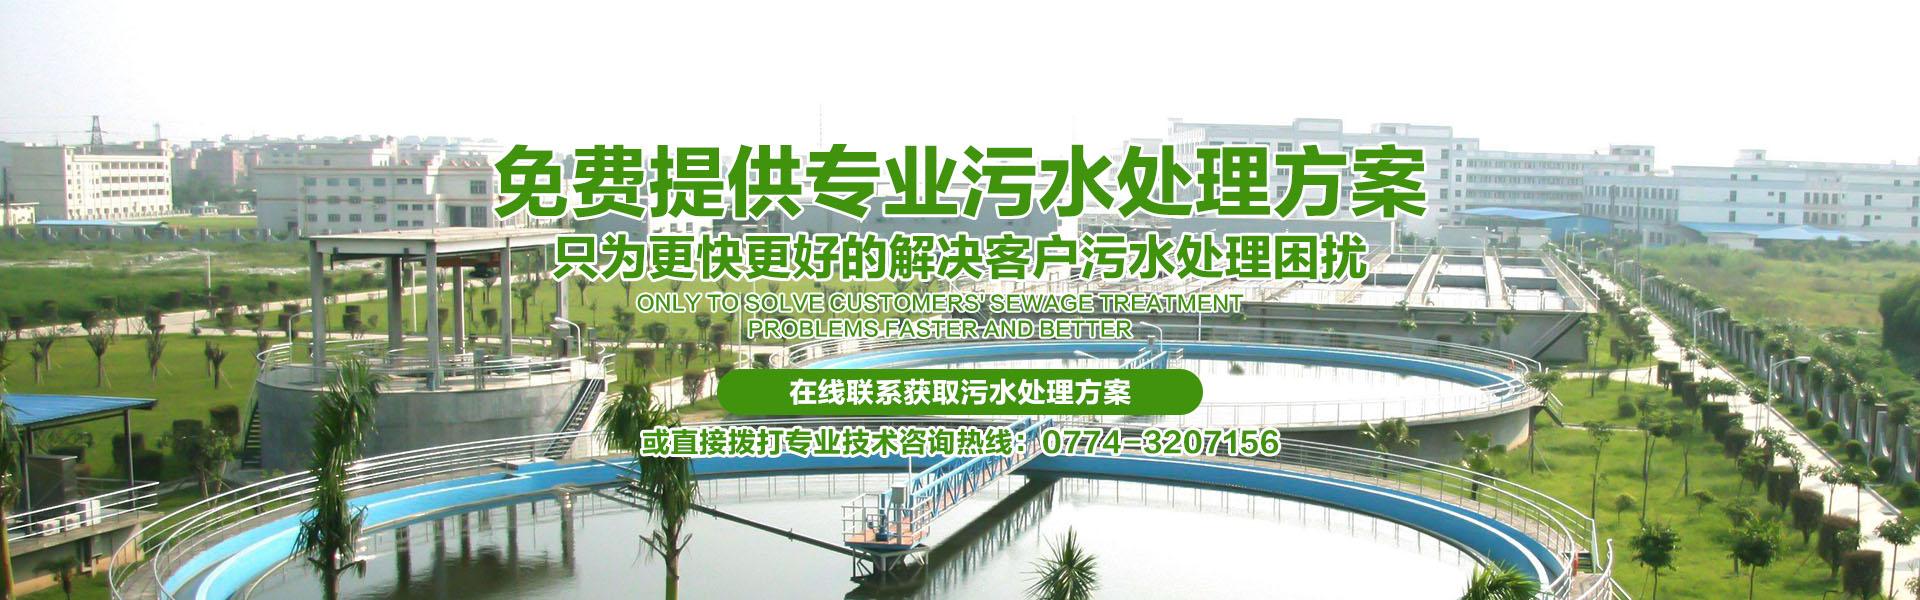 正规足彩环保免费为客户提供专业污水处理方案